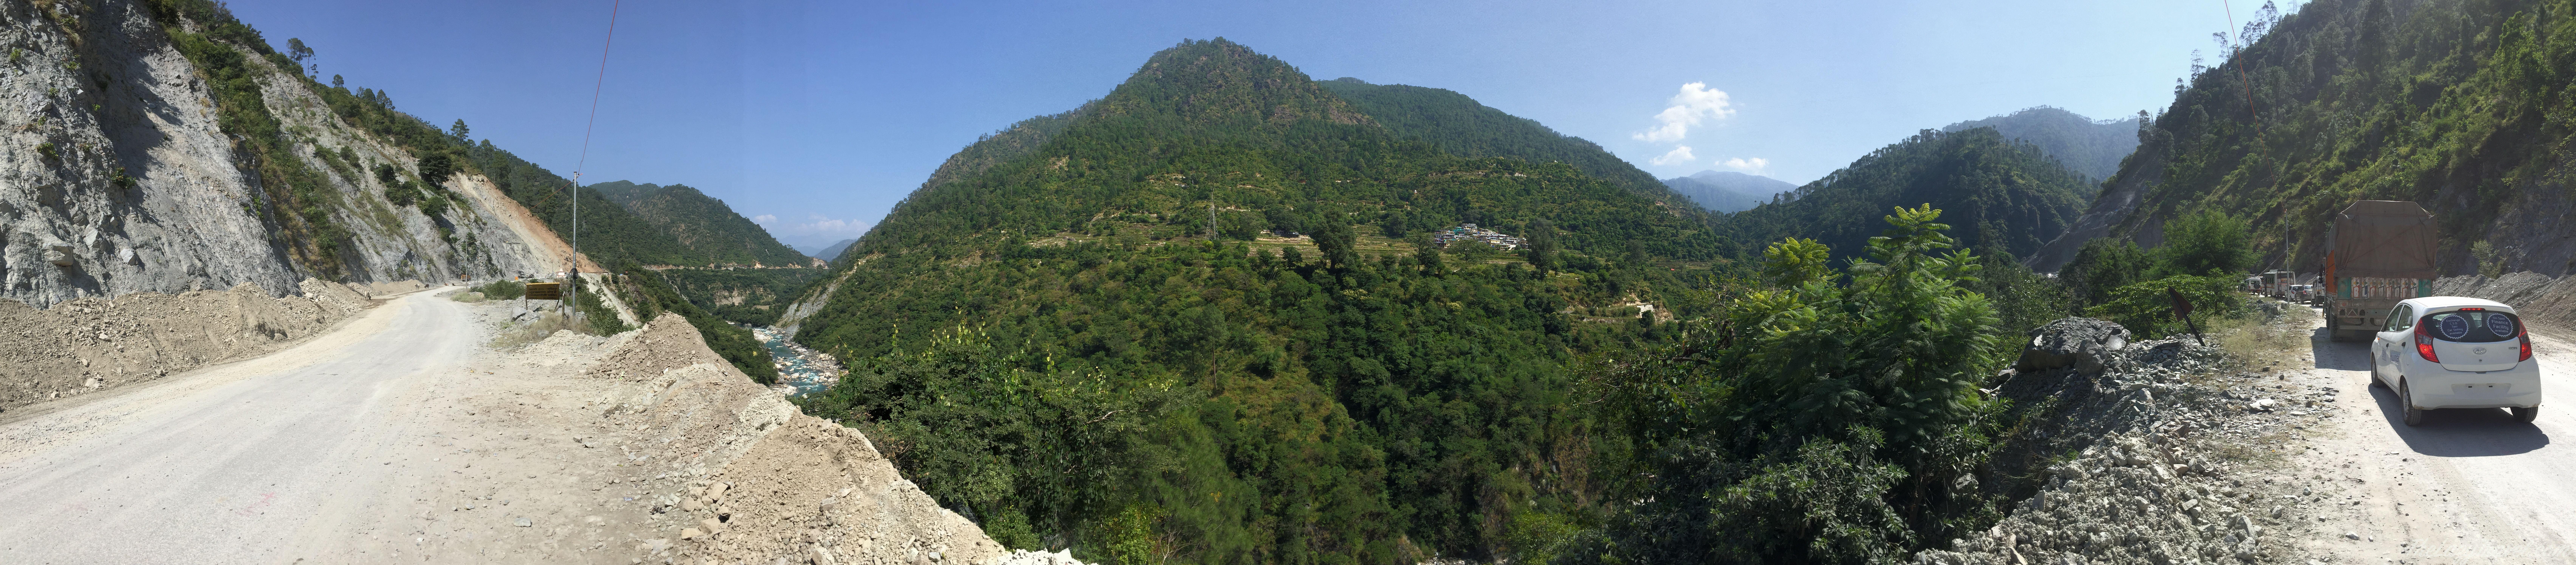 Uttarakhand2